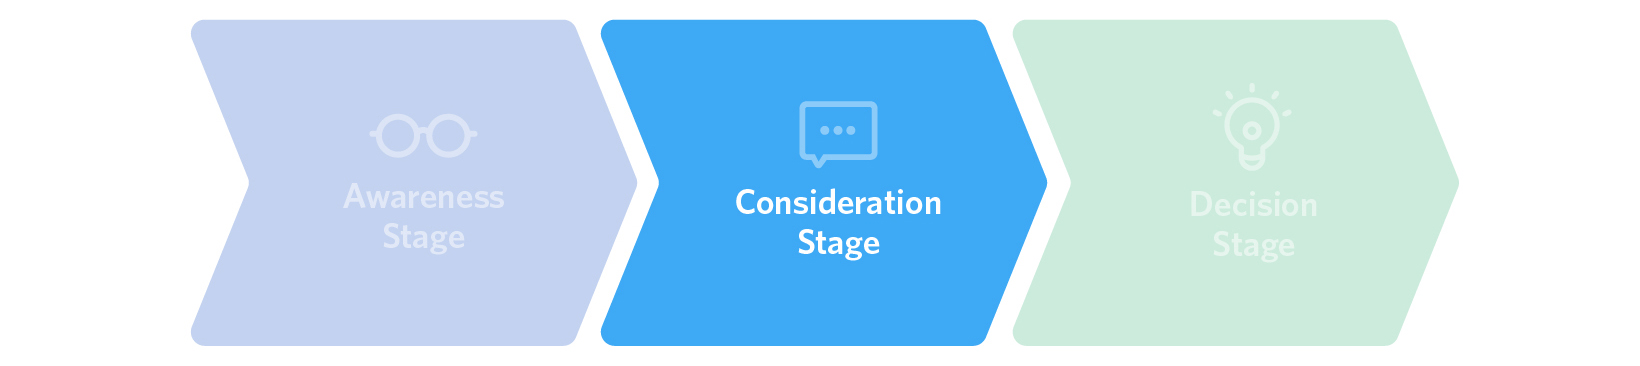 consideration-8515f8ef381099f042c4fdbd78ece63b